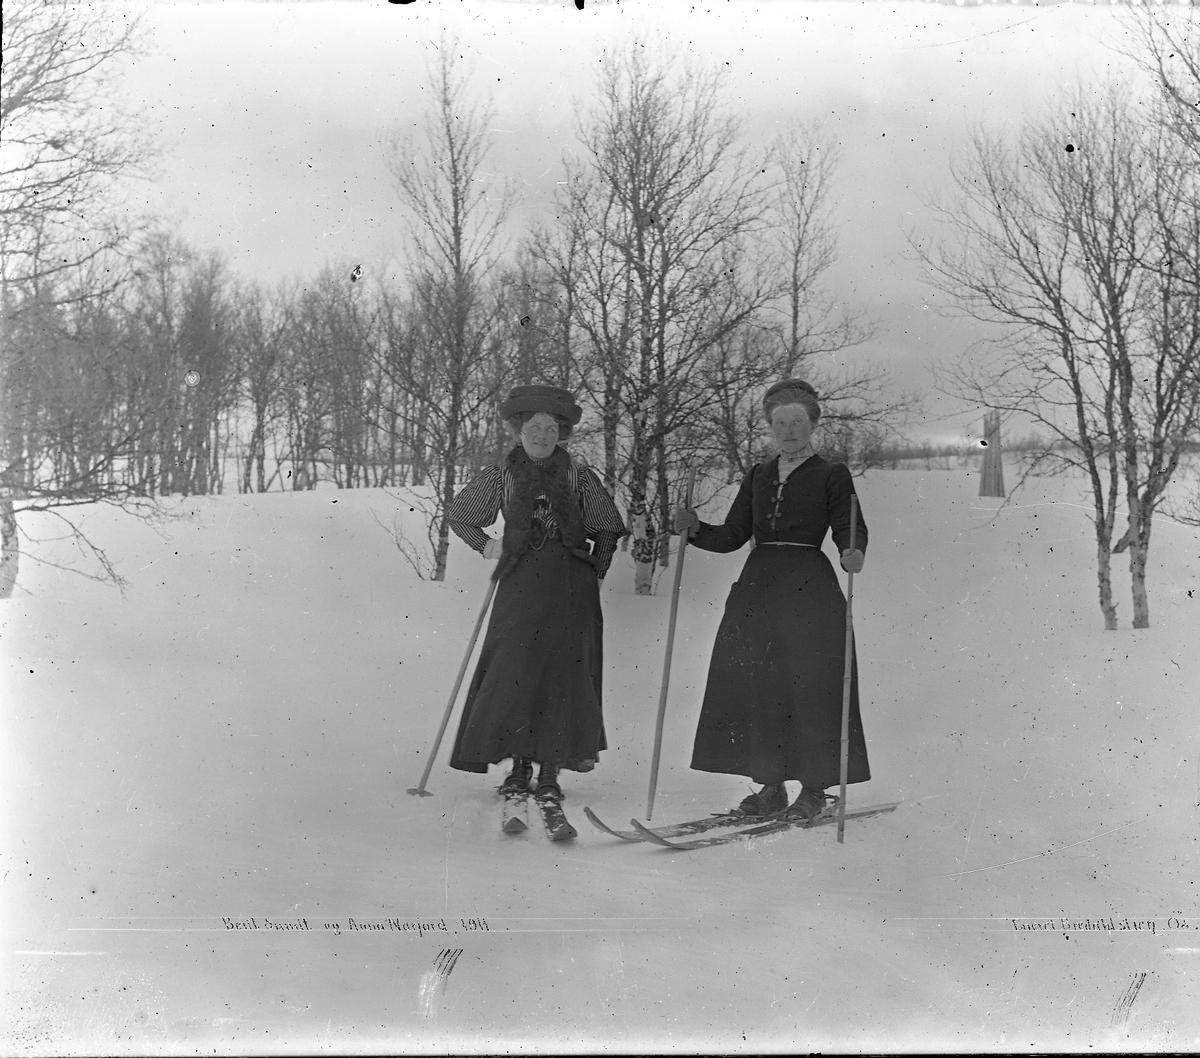 ski, skitur, kjole, personer Berit Sundt g. Narjord og Eli Anna Narjord